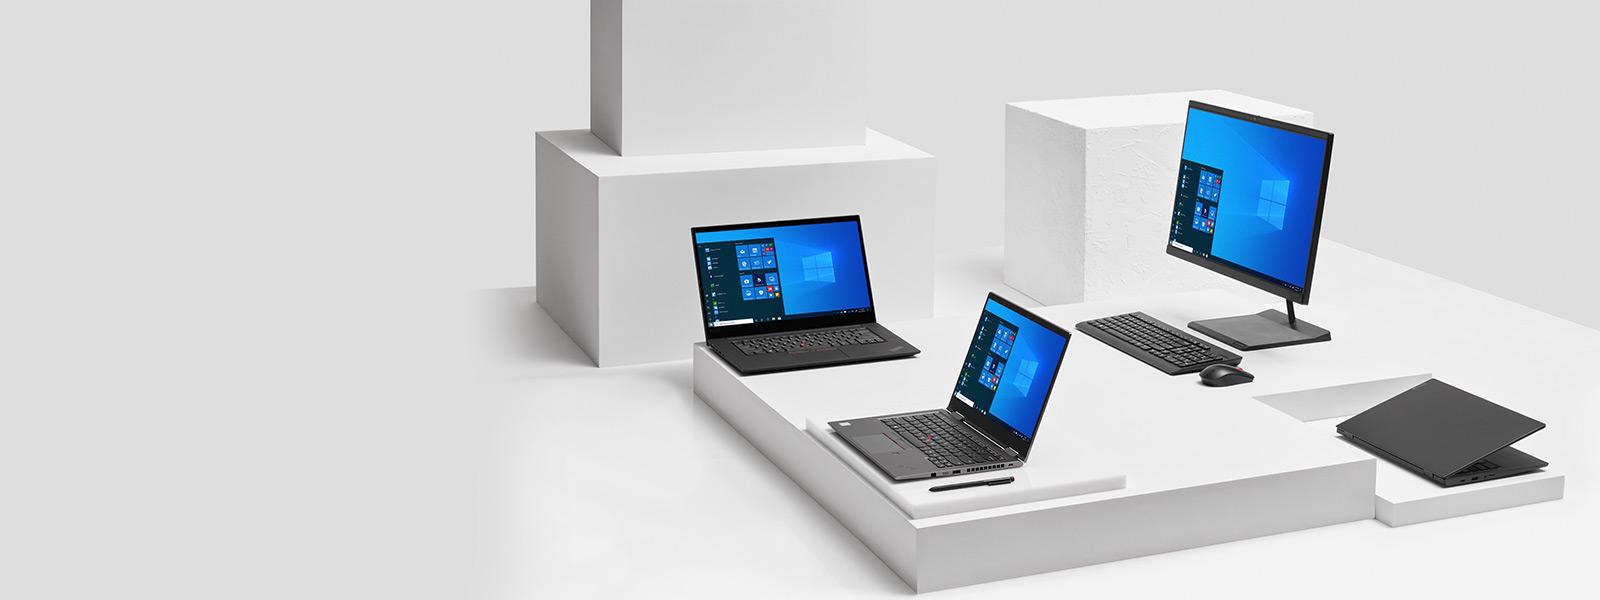 Lenovo-serie av enheter med Windows 10 Pro-startskjermer